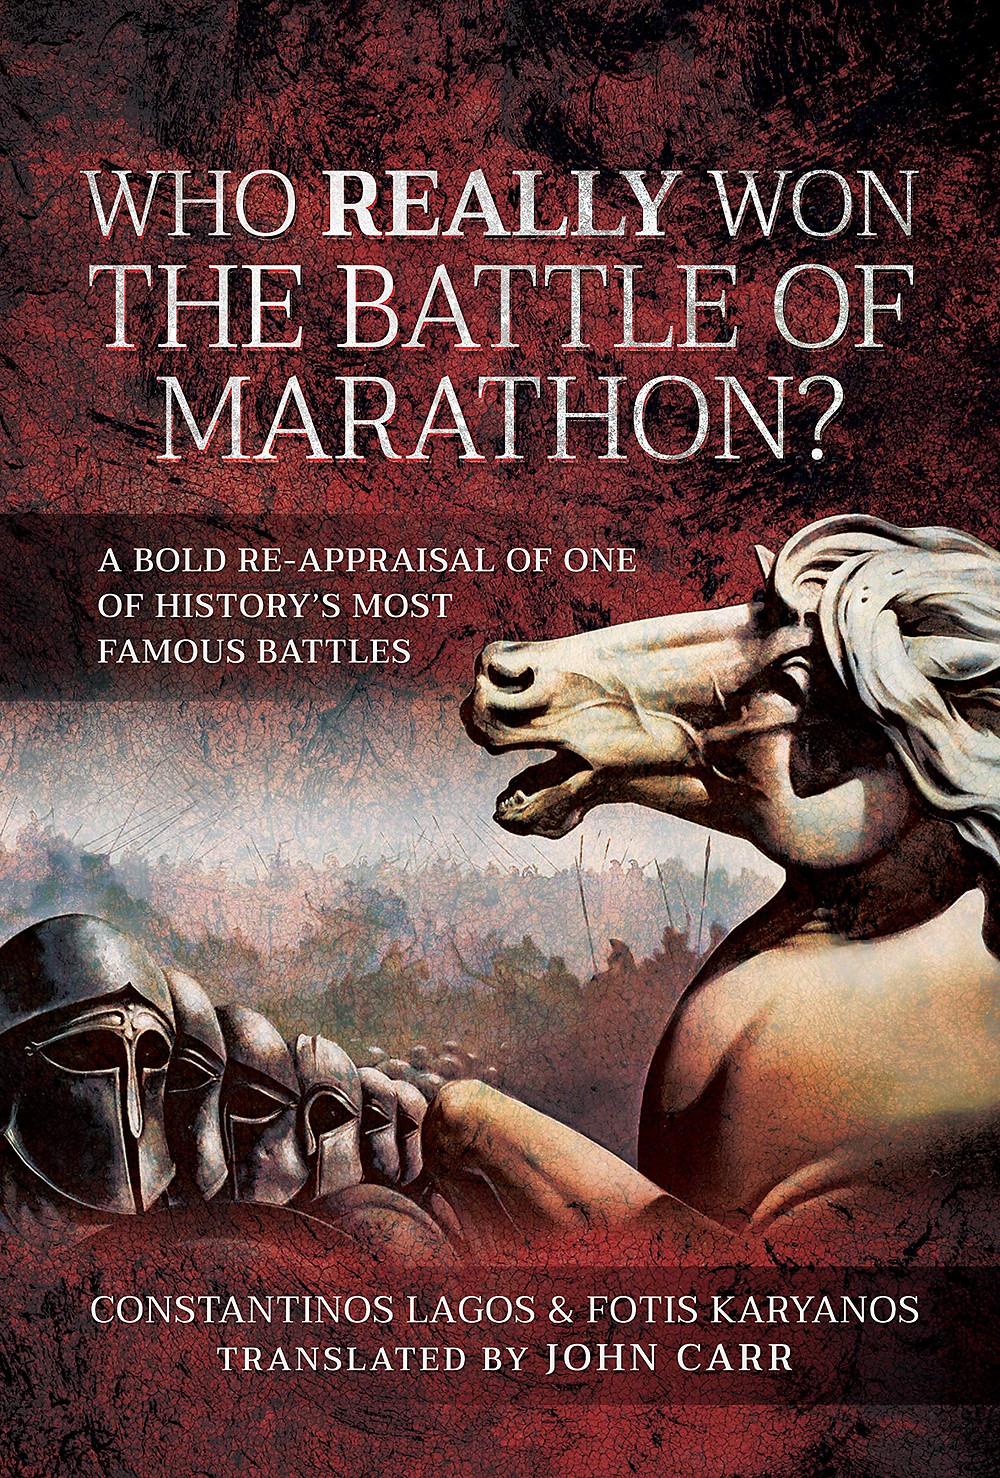 το βιβλίο της μάχης του μαραθώνα / who really won the battle of marathon? the book